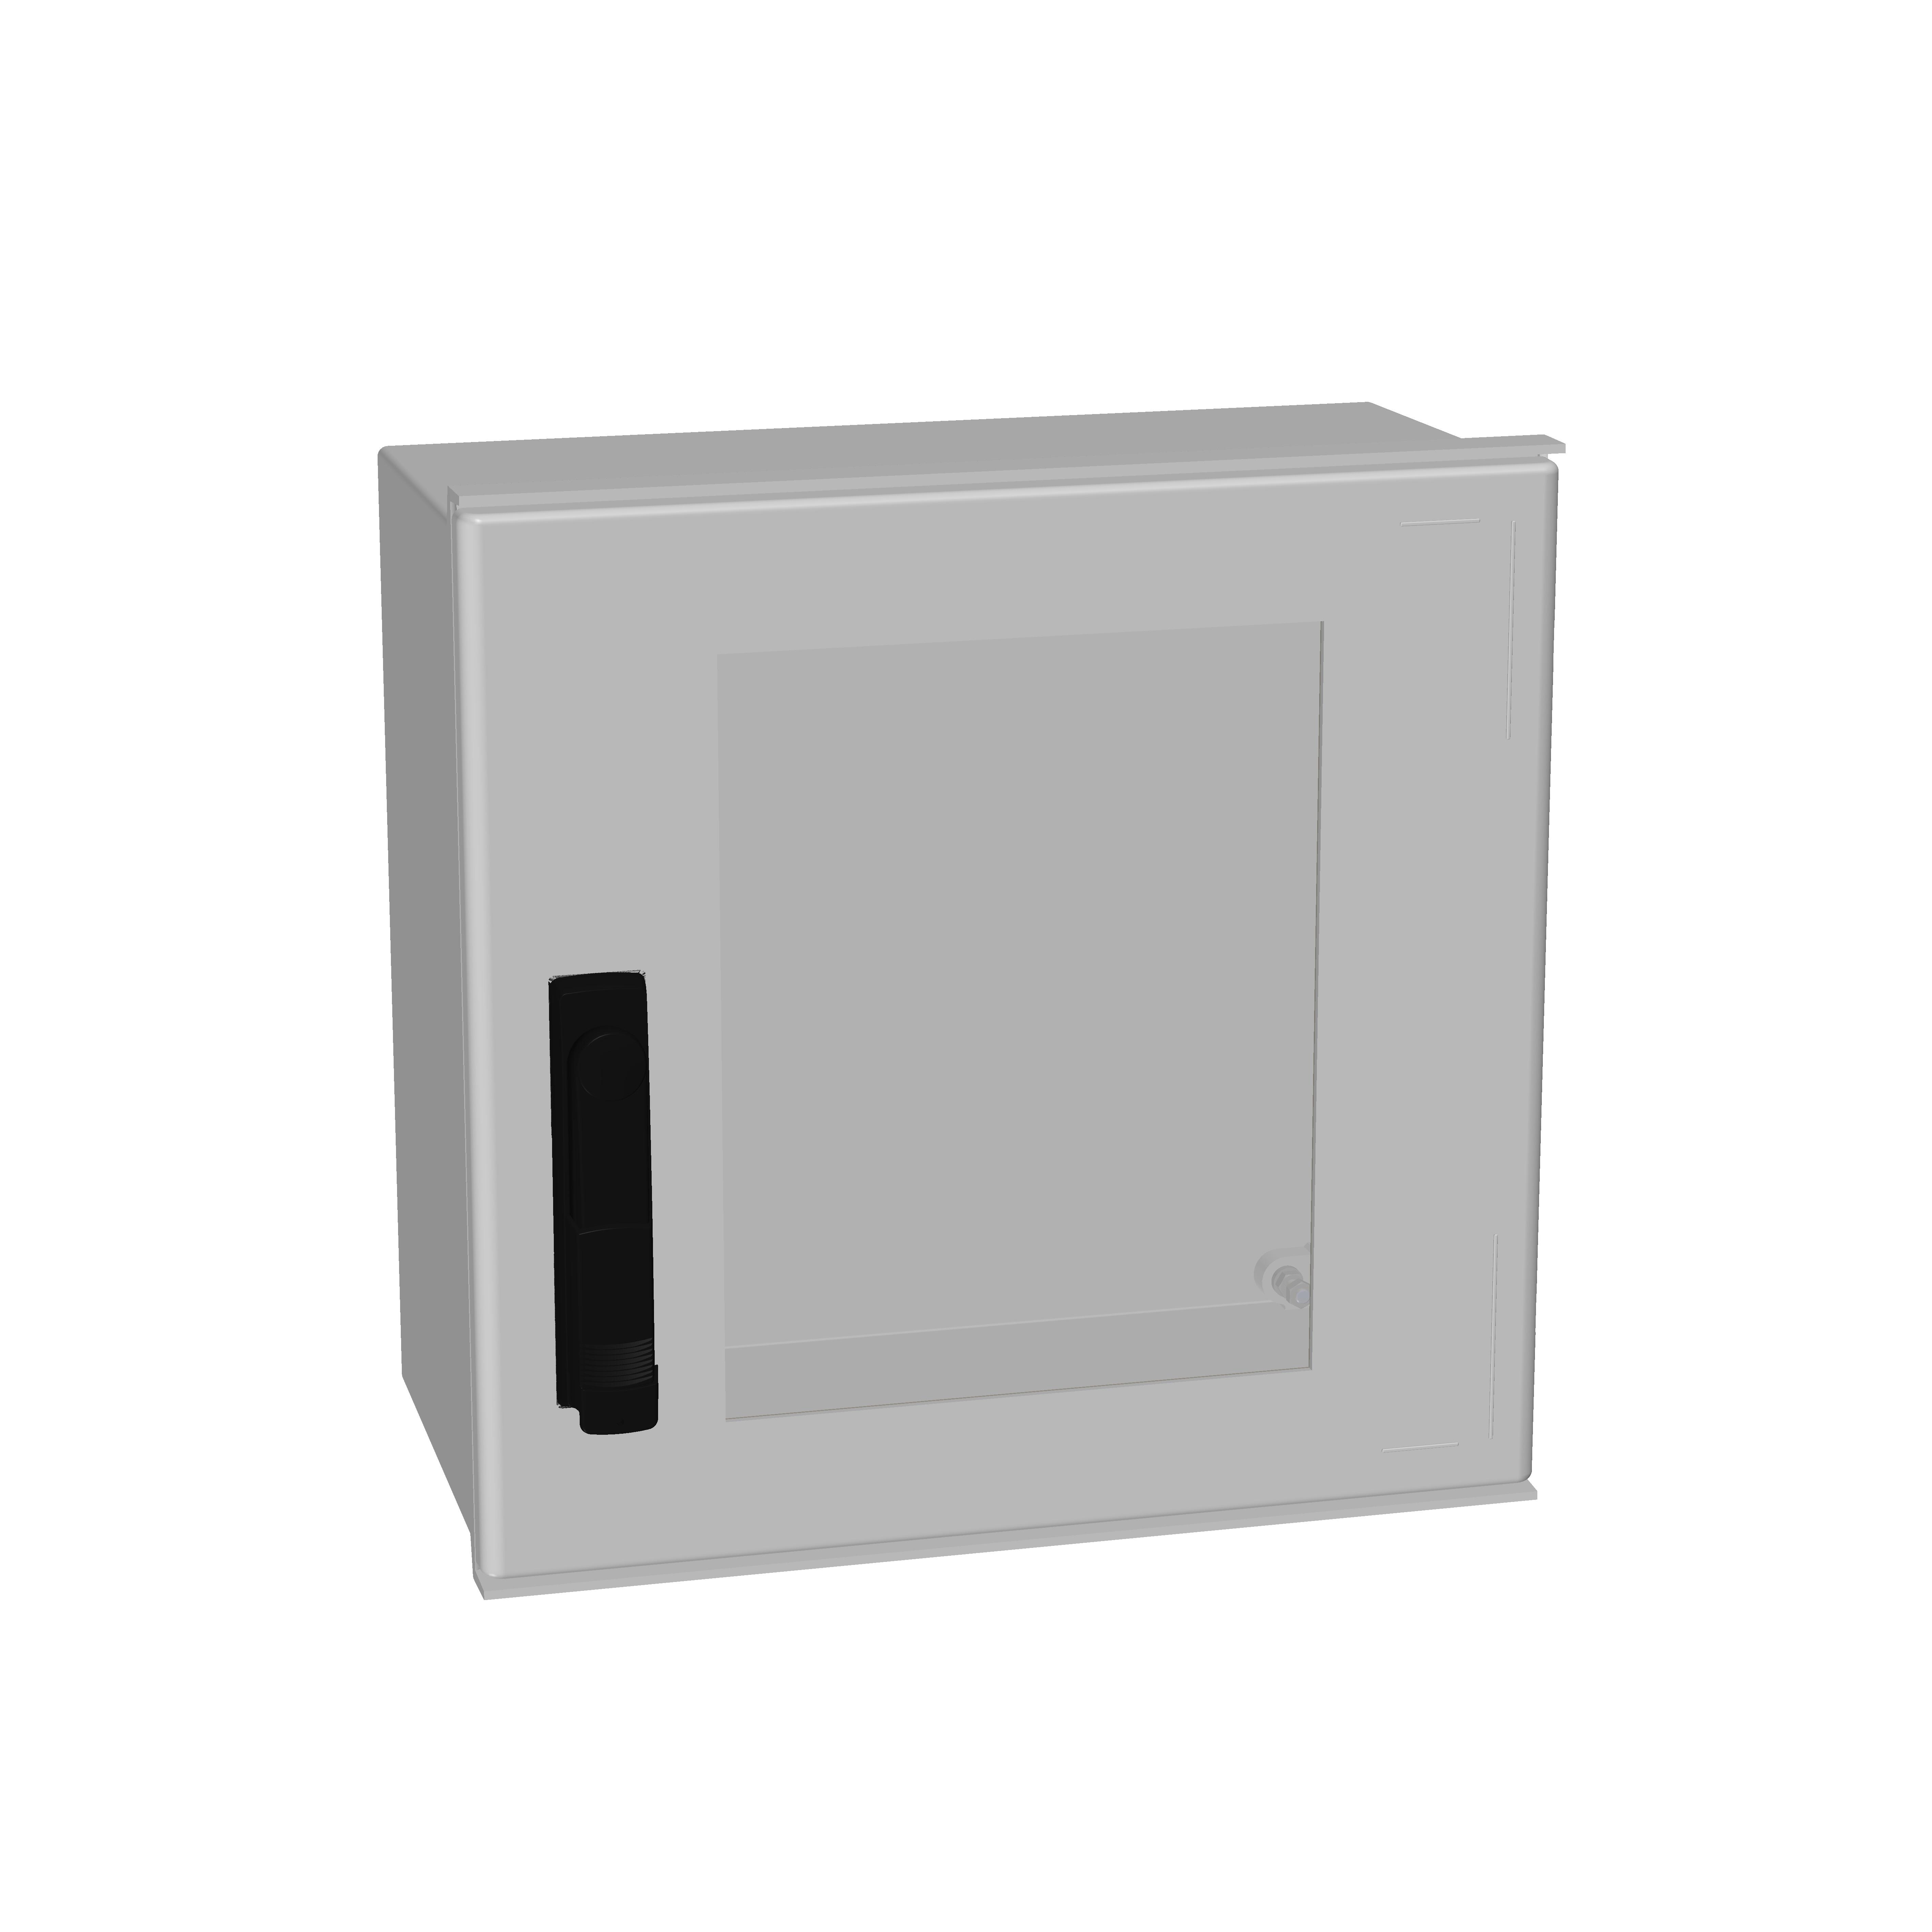 1 Stk Minipol-Wandschrank 3-Punkt Stangenverschl.+SF 400x400x200mm IM088944--